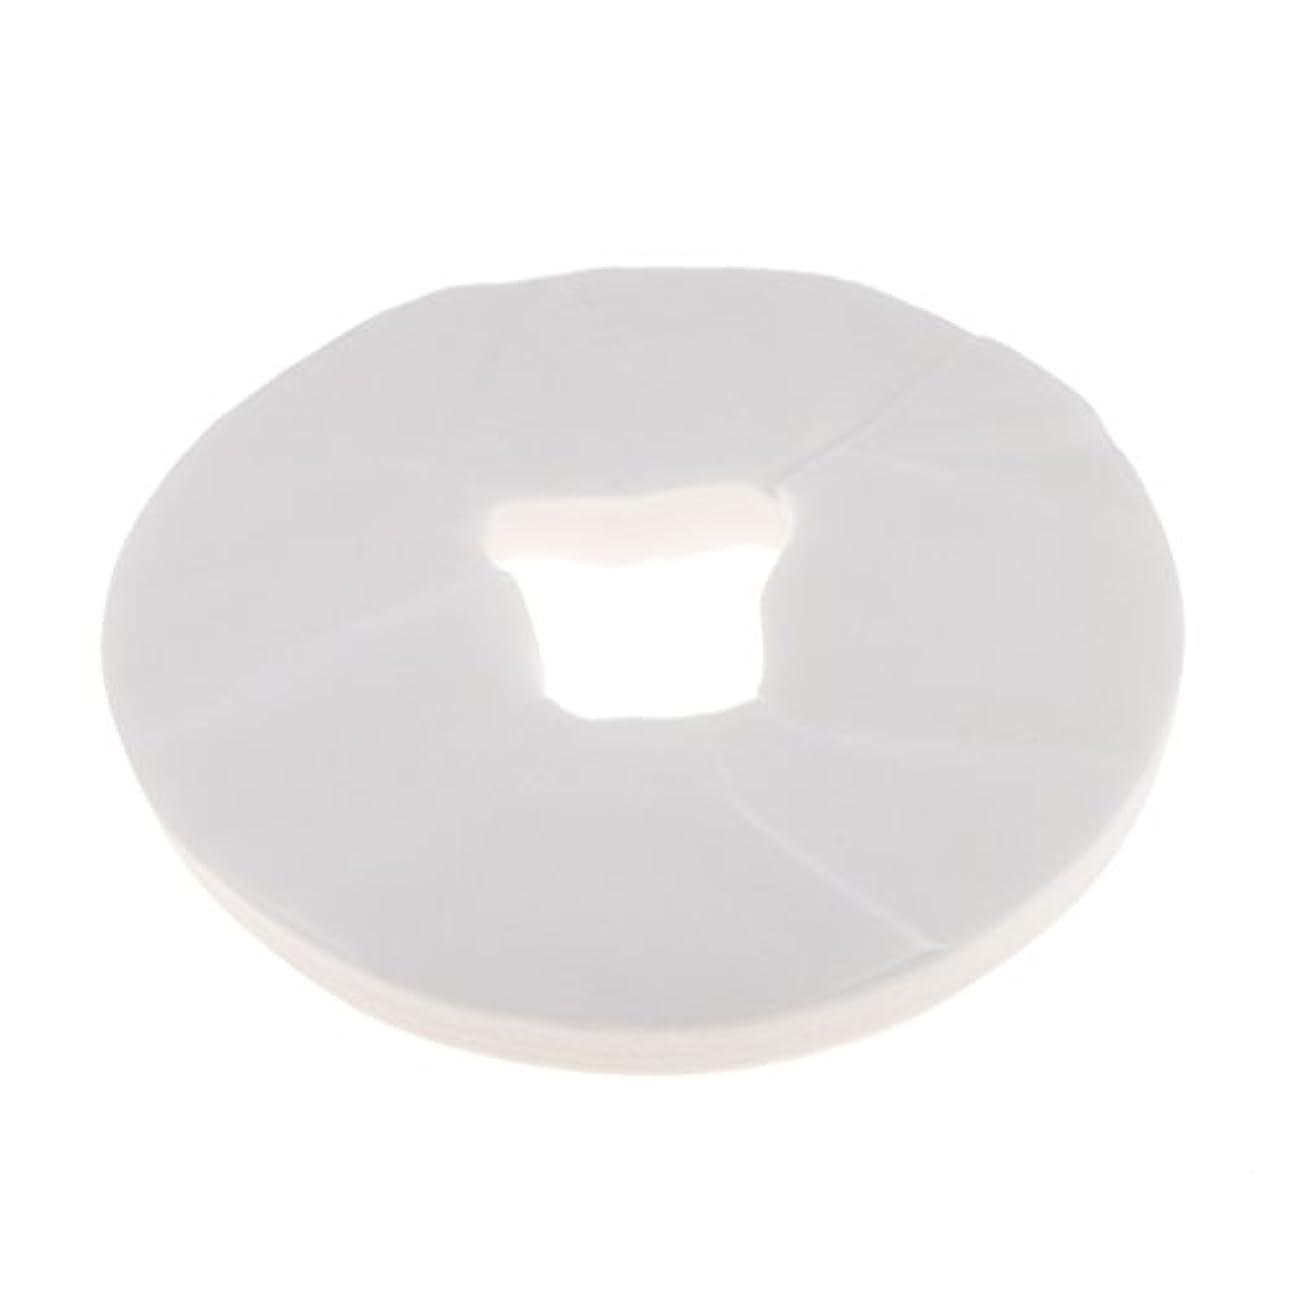 トランジスタ涙のホストマッサージ枕カバー シート マッサージテーブル 使い捨て フェイスクレードルカバー 衛生的